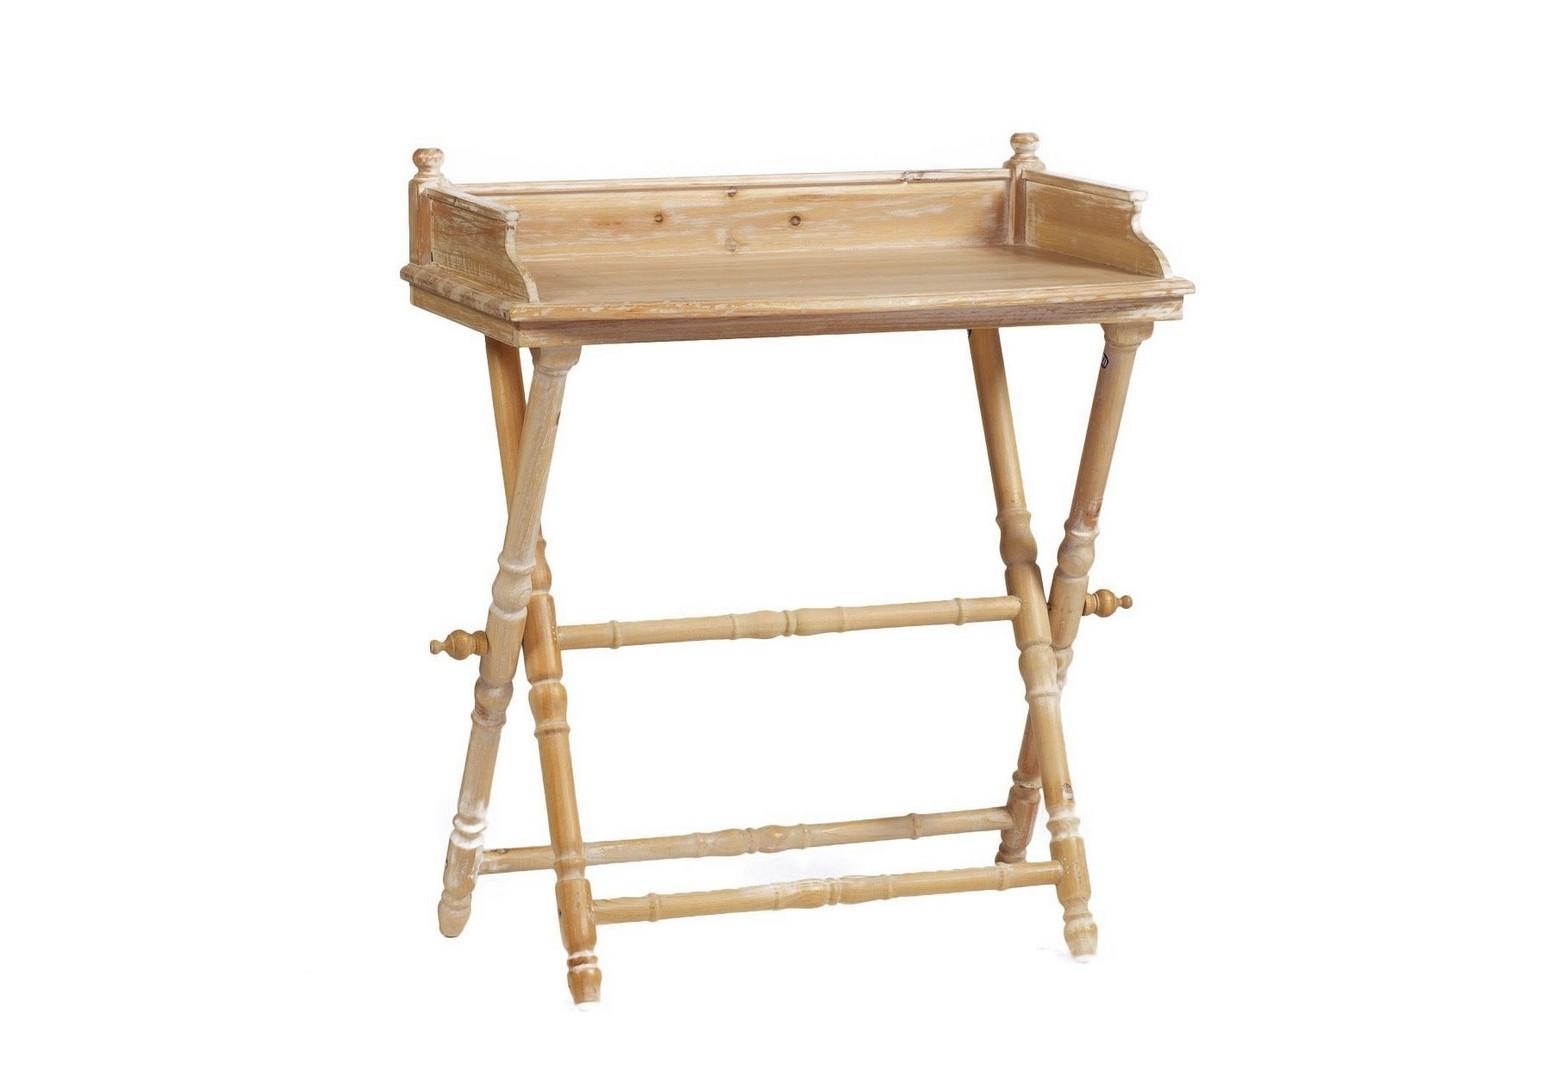 Складной столик MirabelСервировочные столики<br>Складной столик Mirabel – это настоящая находка для ценителей практичных и красивых вещей. В сложенном виде предмет мебели занимает мало места, поэтому его удобно хранить в любом углу или шкафу. Идеальное приобретение для любителей романтических завтраков в постель.<br><br>Material: Дерево<br>Ширина см: 40<br>Высота см: 77